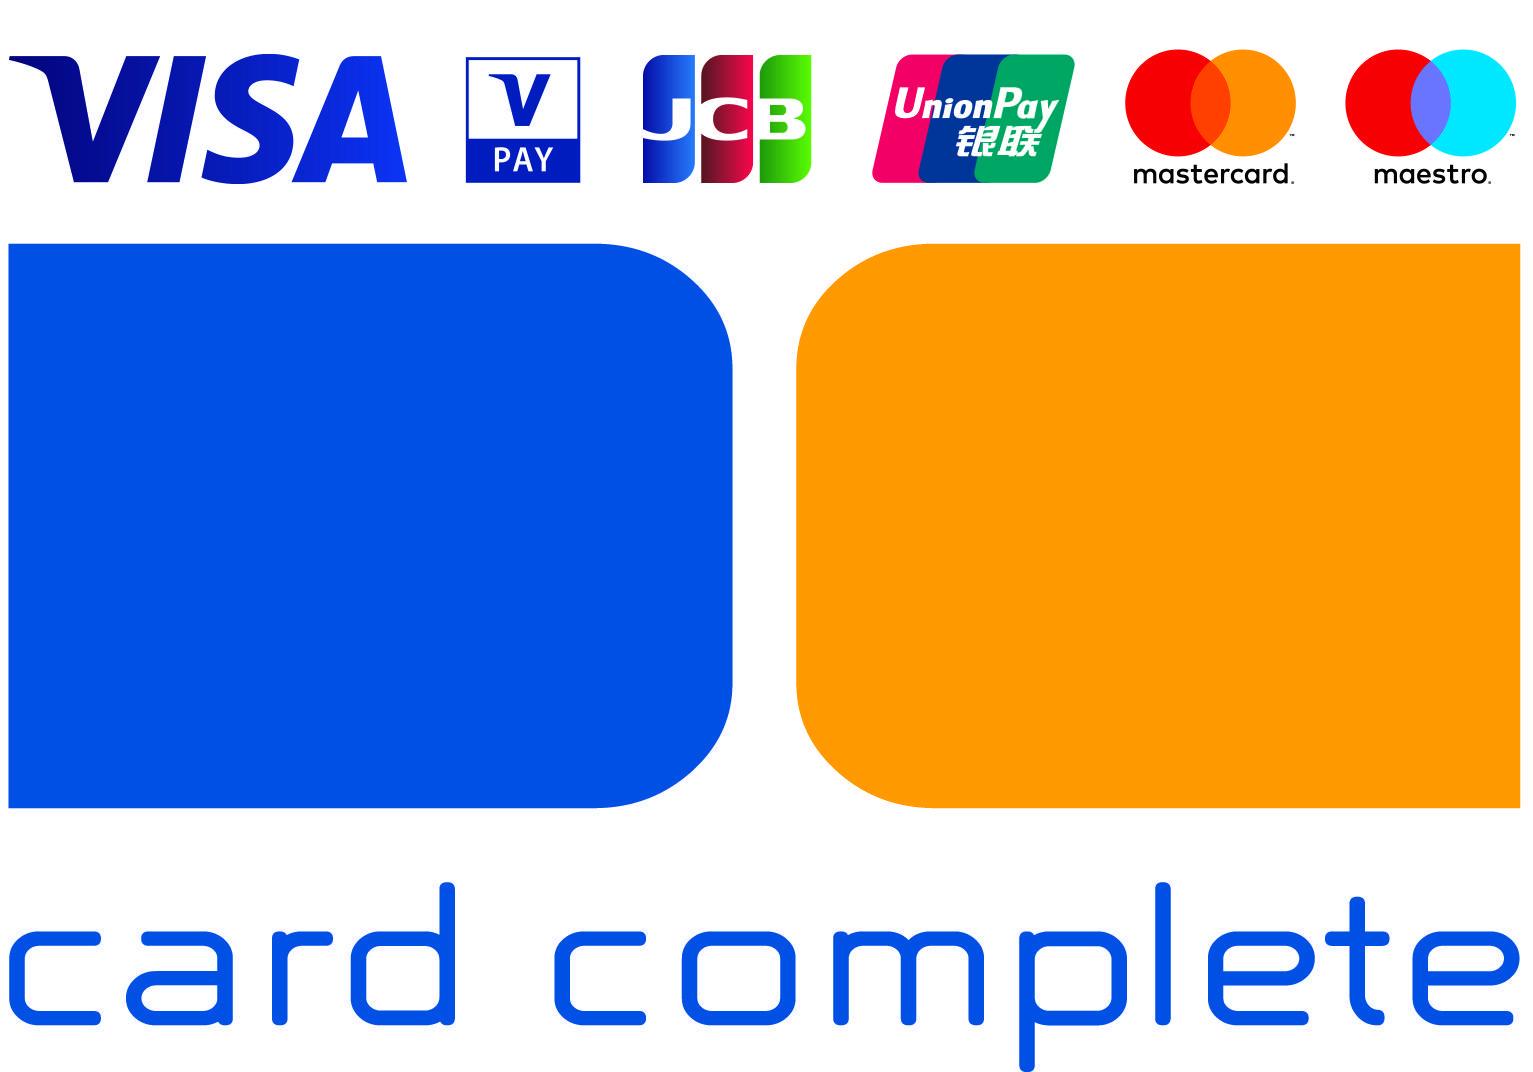 card complete bridgify Bankomat Zahlung akzeptieren